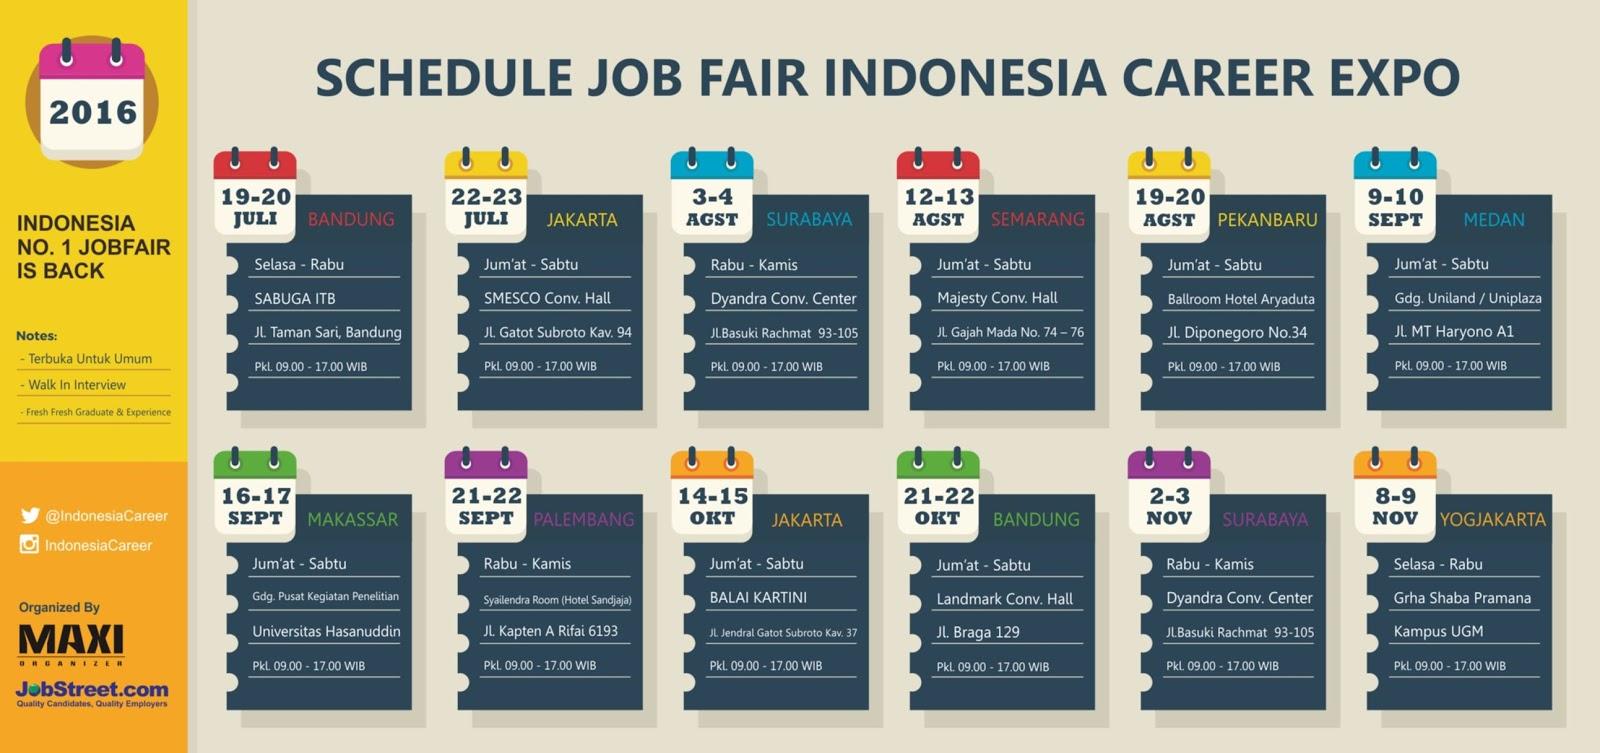 jadwal job fair career expo periode juli desember  career expo kembali hadir di semester 2 dengan merilis jadwal job fair career expo periode juli desember 2016